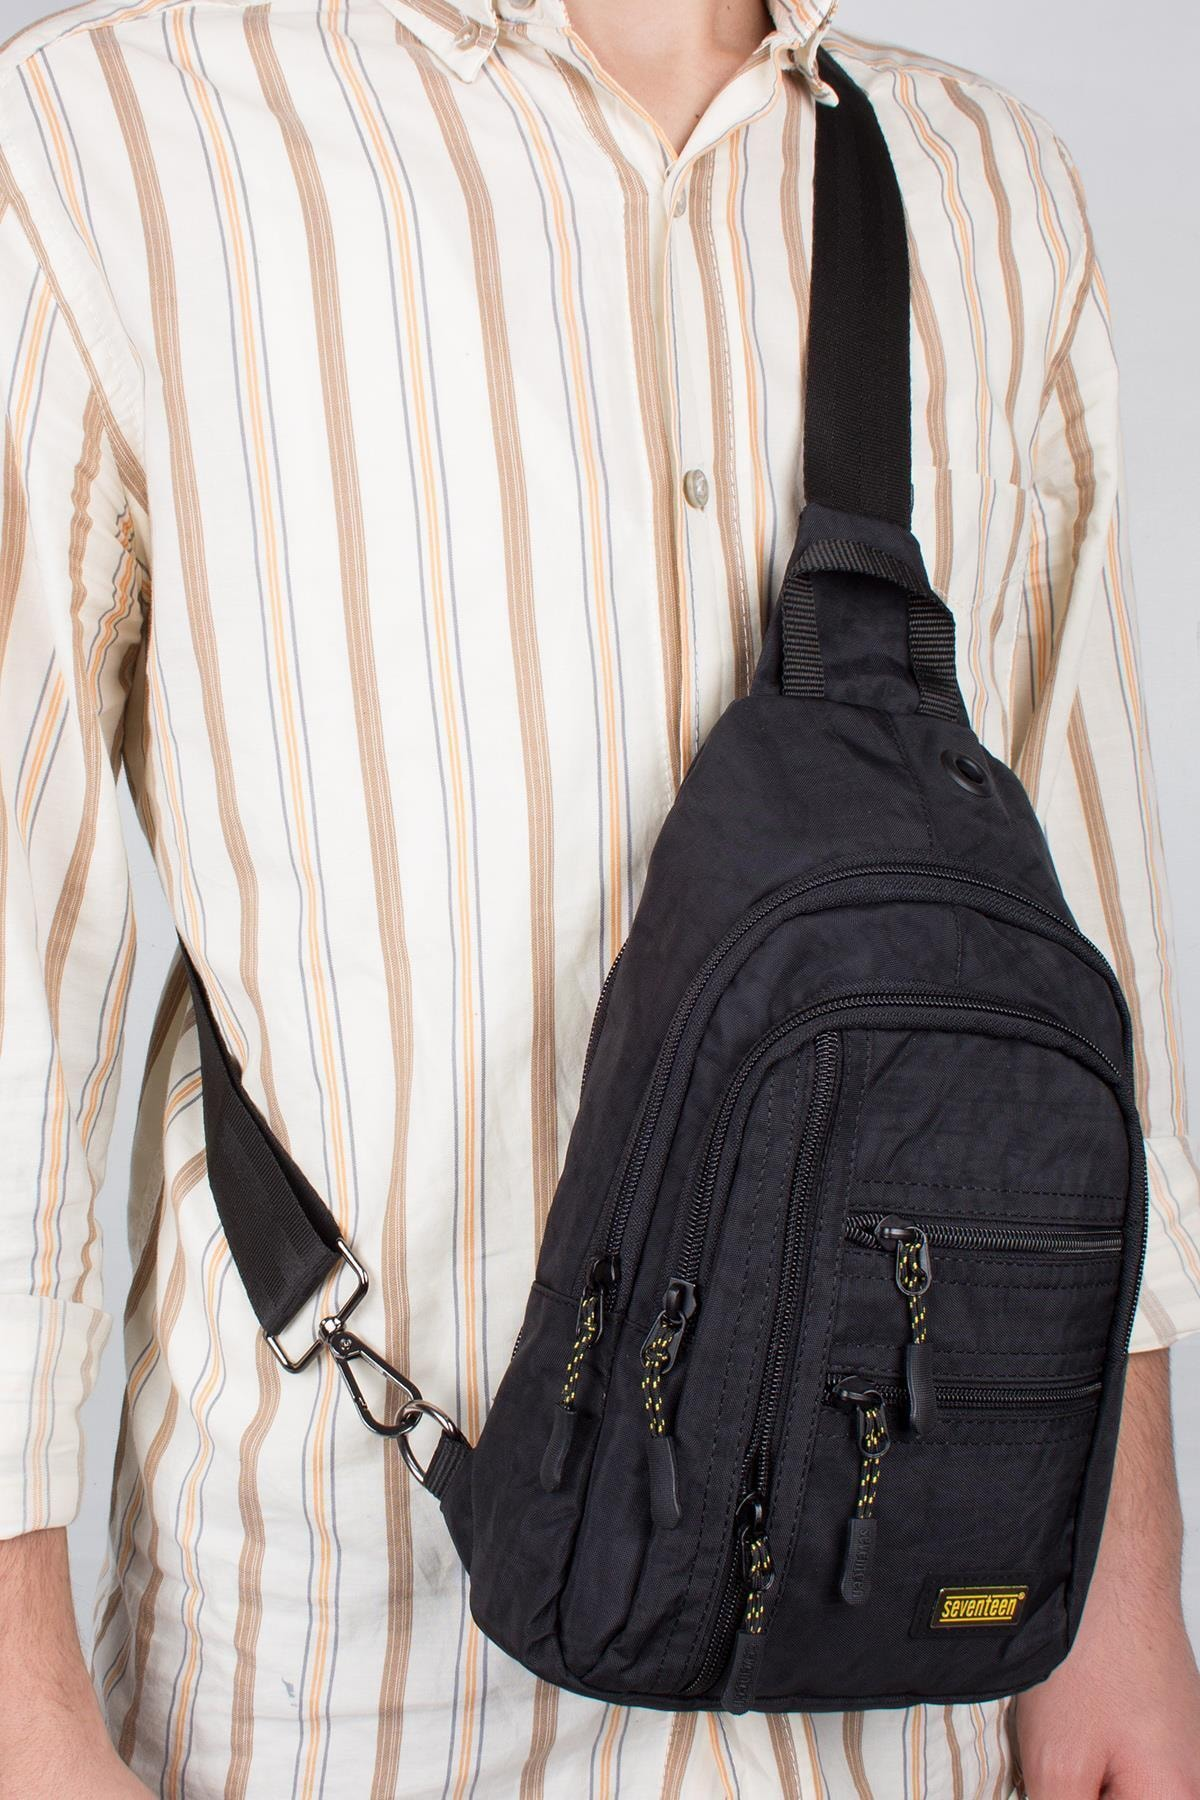 Bagacar Unisex Siyah Kumaş Çapraz Göğüs Body Bag Ve Sırt Çantası 1